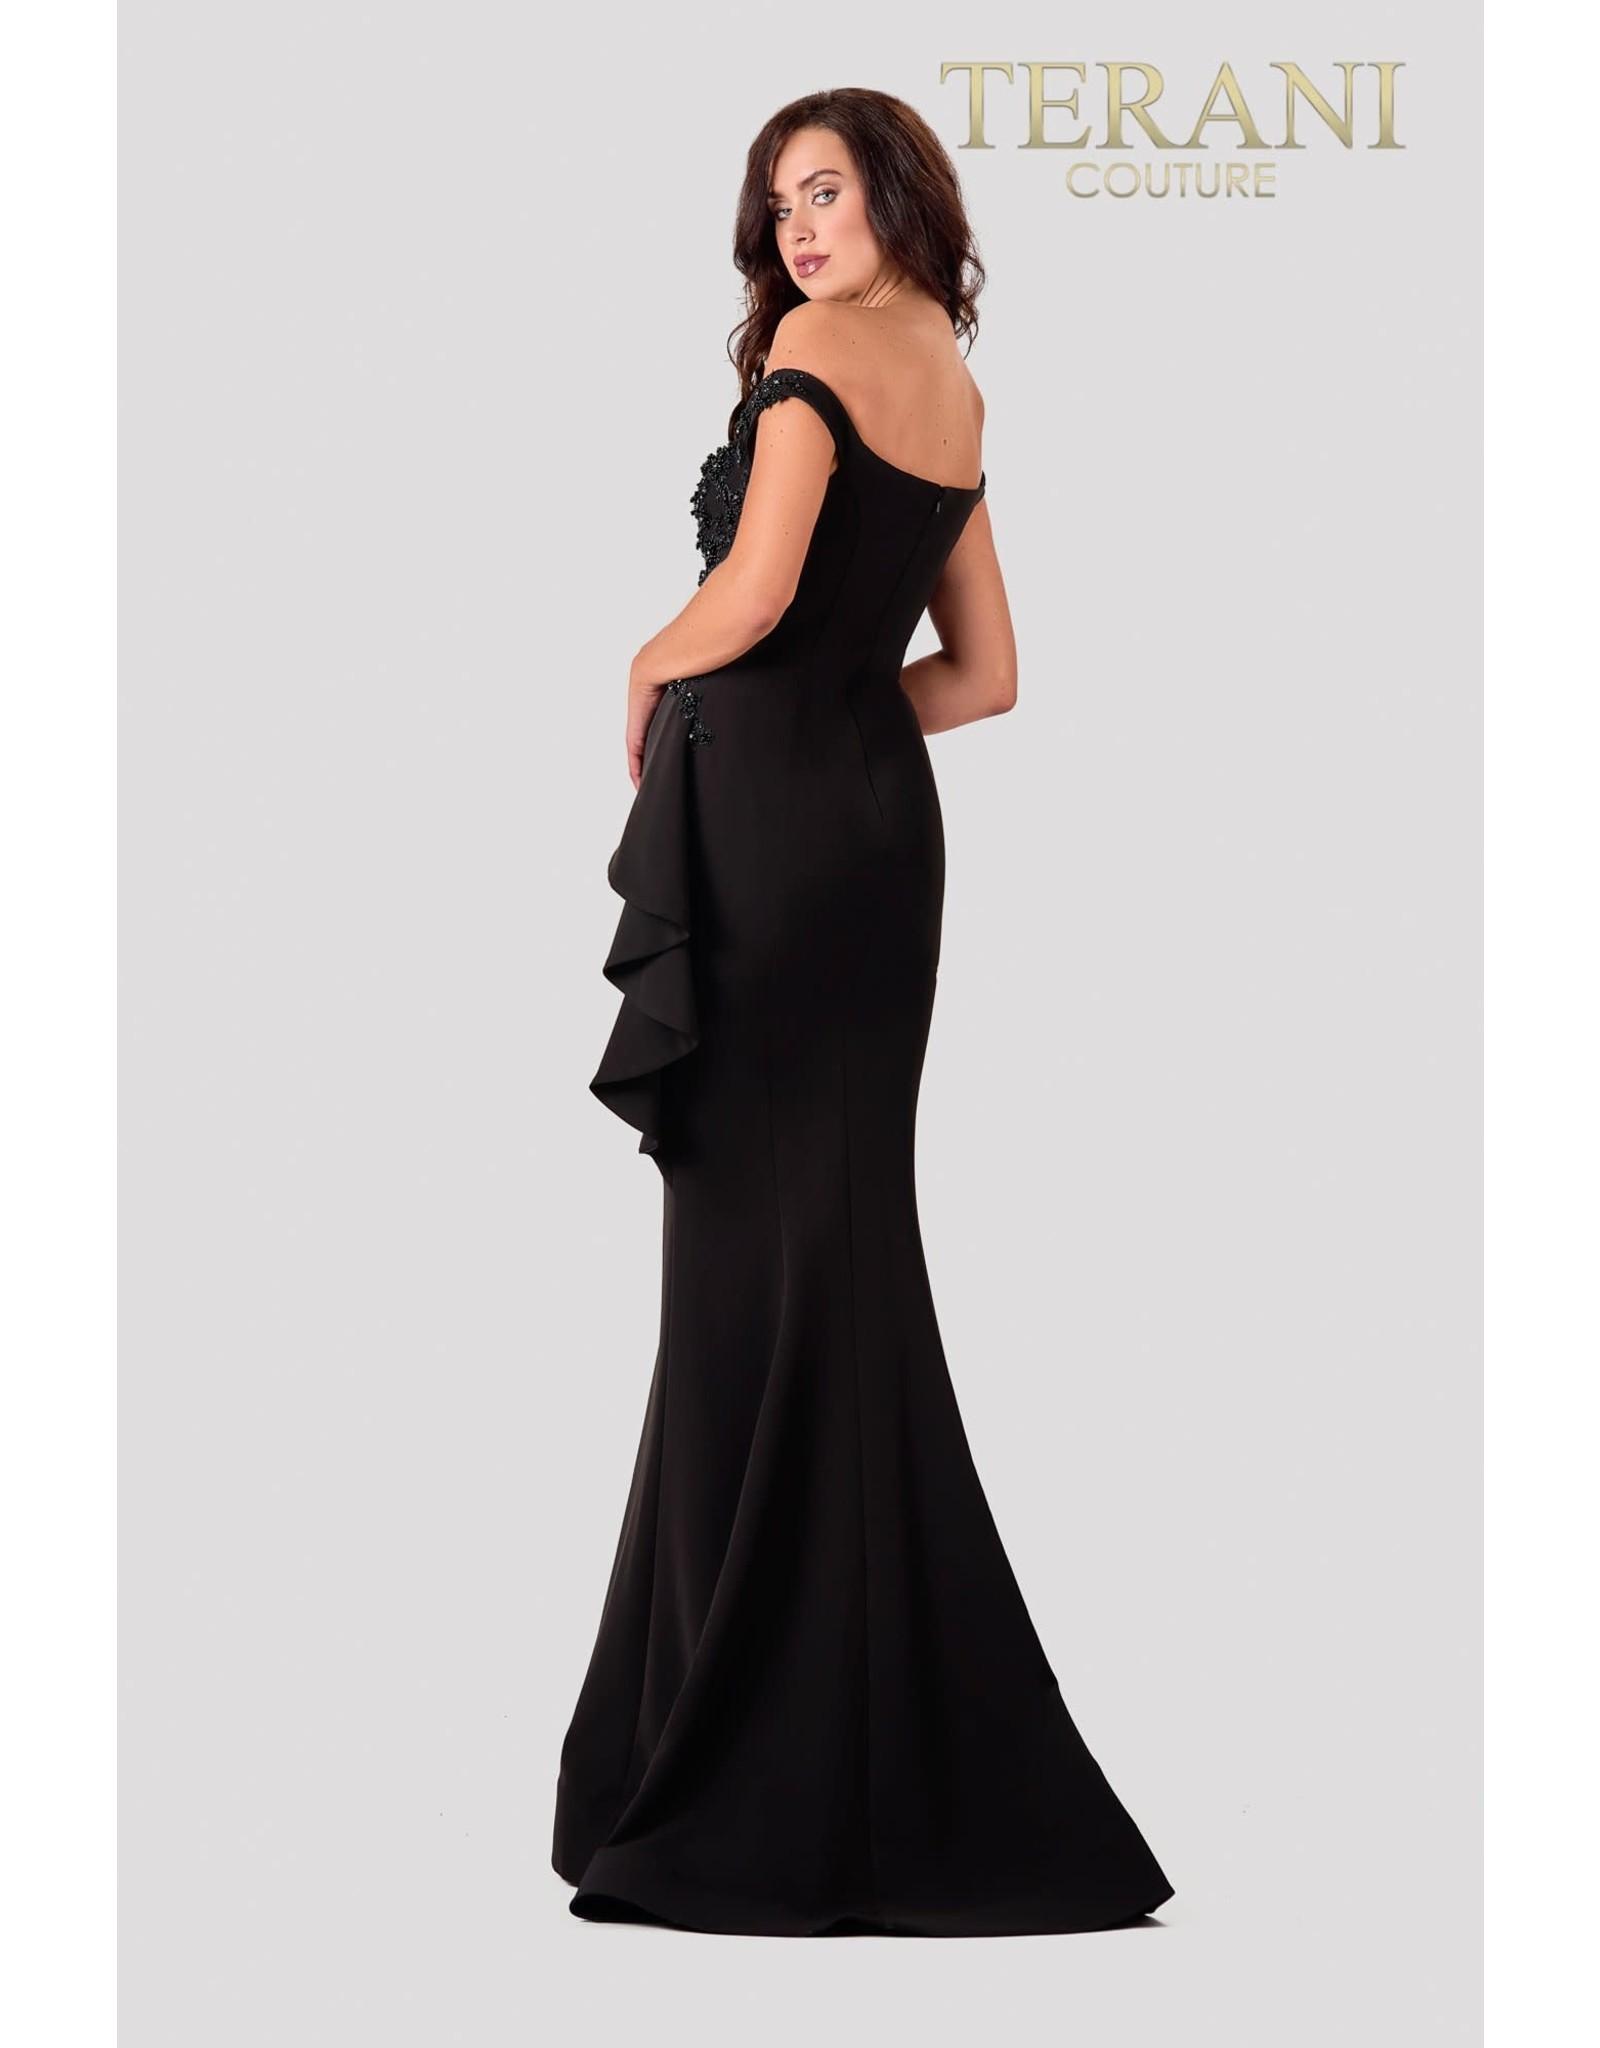 Terani 2111E4732 Terani Dresses